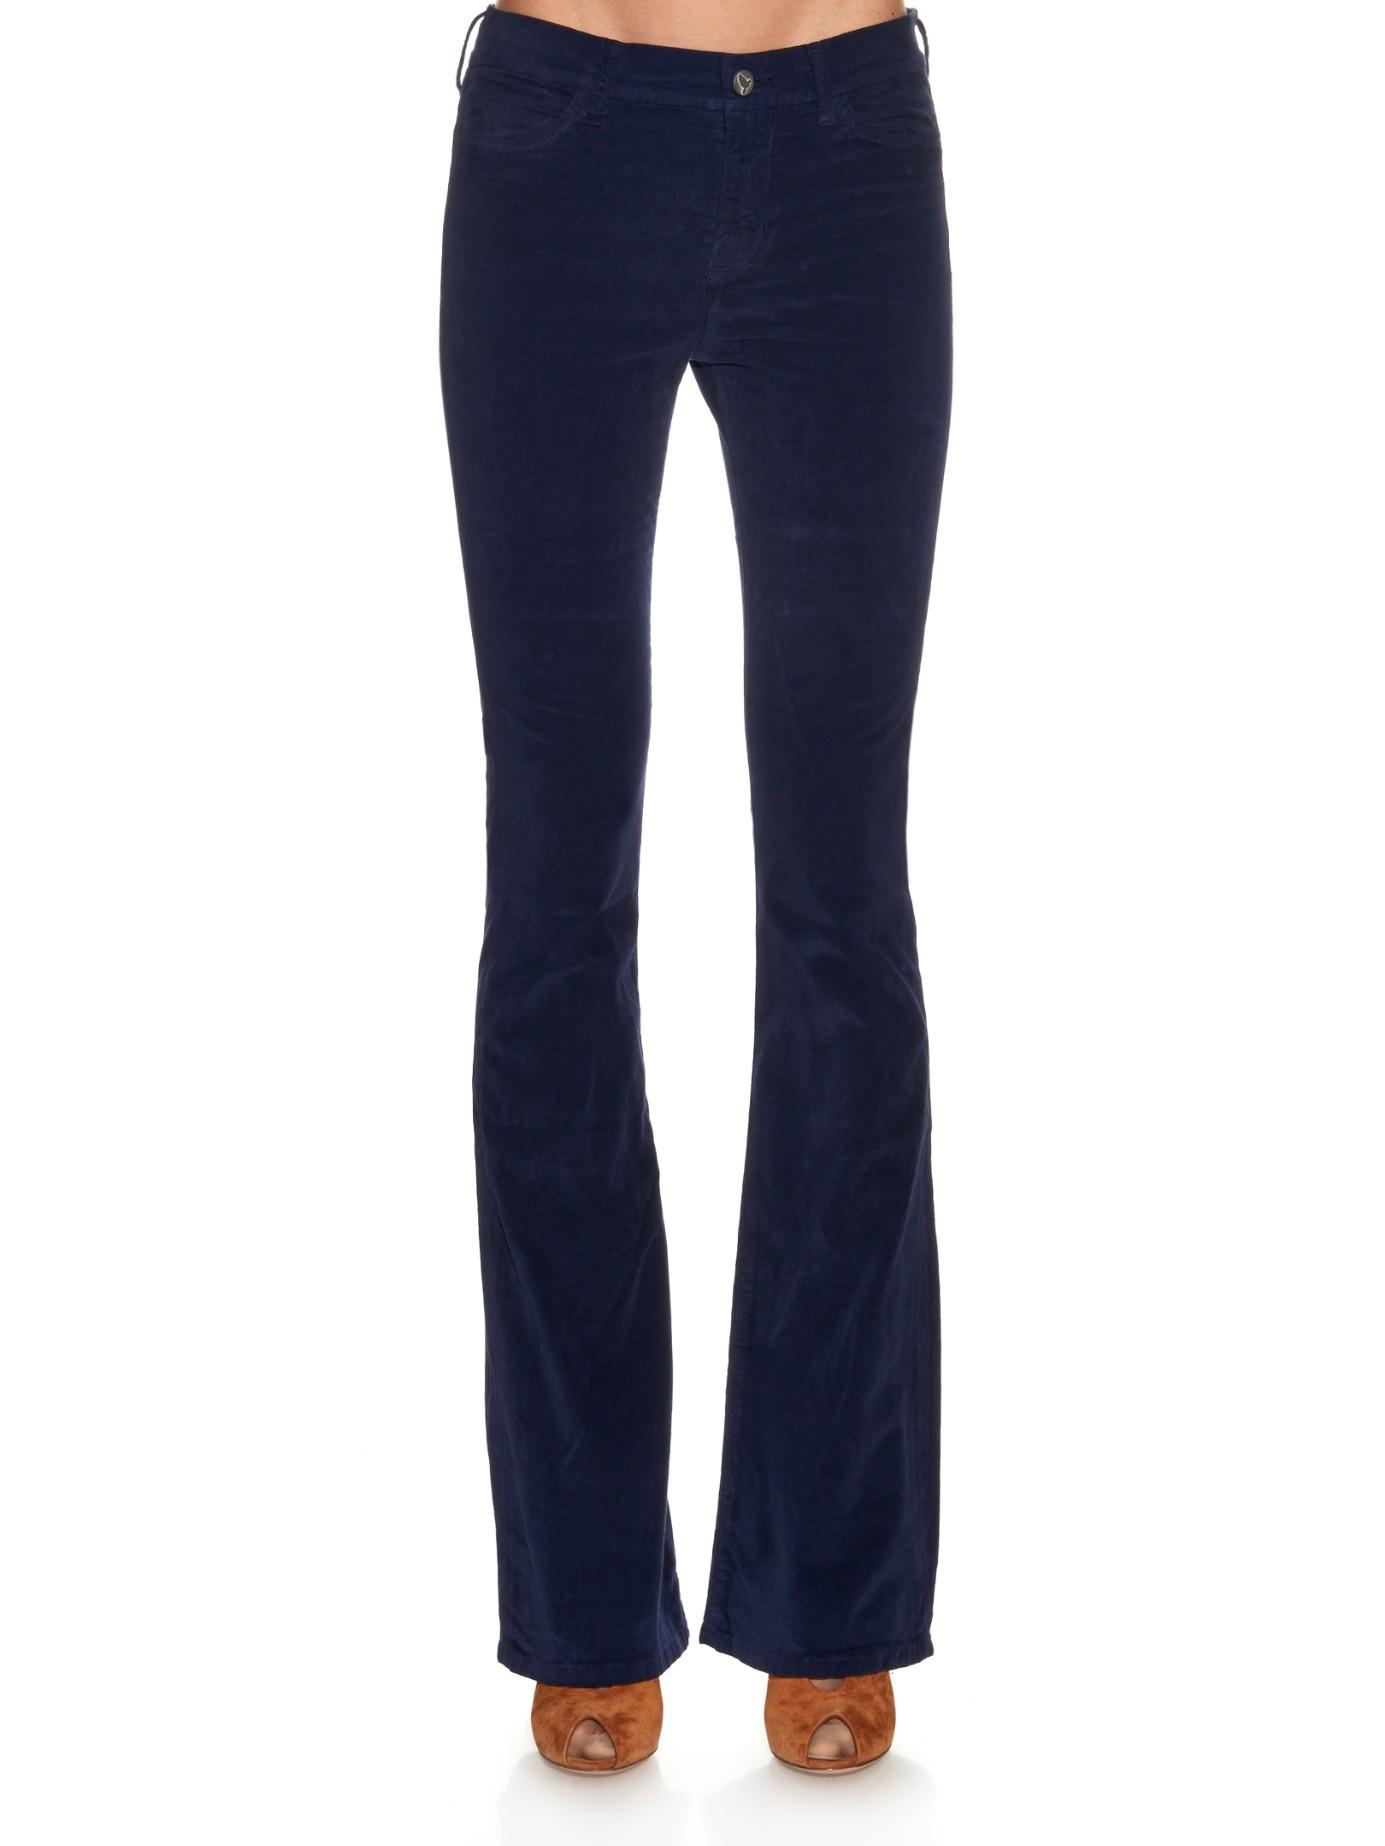 M.i.h Jeans Marrakesh Mid-rise Kick-flare Velvet Trousers in Navy (Blue)